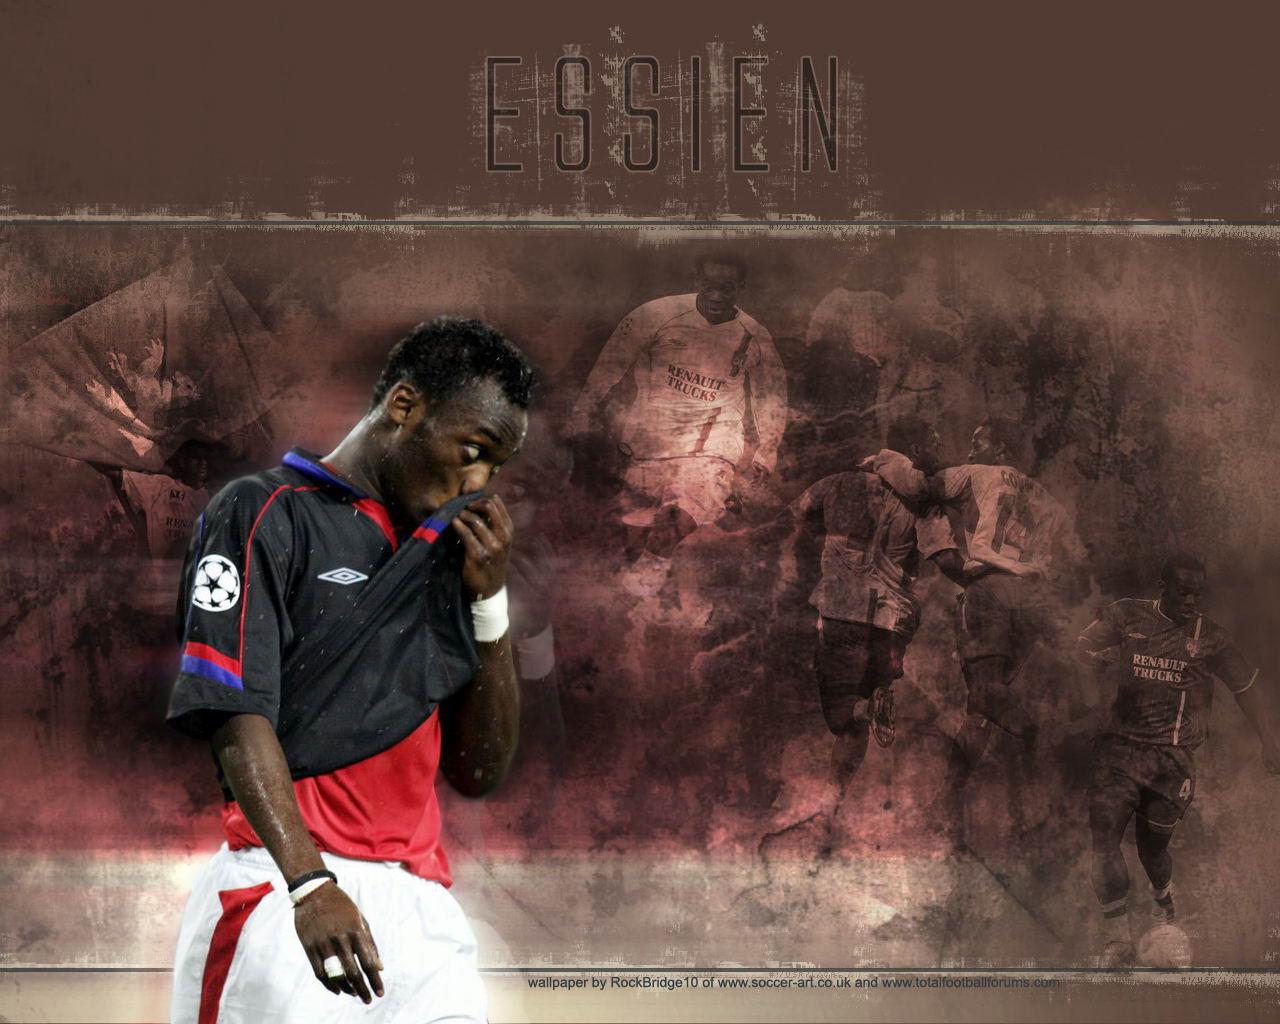 http://3.bp.blogspot.com/-v5MYJMh8llQ/Tq5-P8285mI/AAAAAAAAWq0/R3had00nANM/s1600/Michael+Essien+Chelsea+great+soccer+player1.jpg